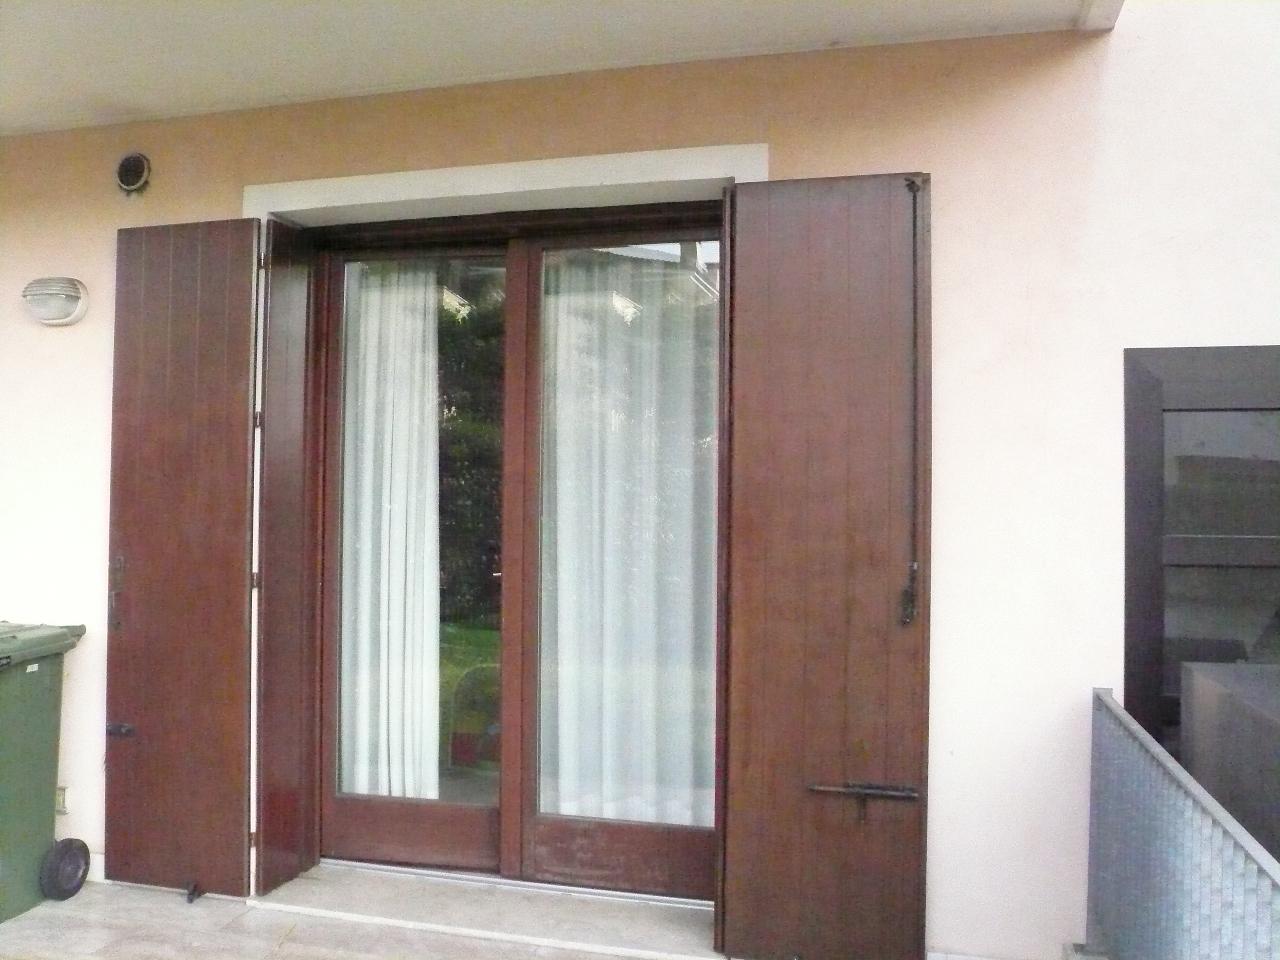 Appartamento in affitto a Carbonera, 2 locali, zona Località: Centro, prezzo € 400 | CambioCasa.it